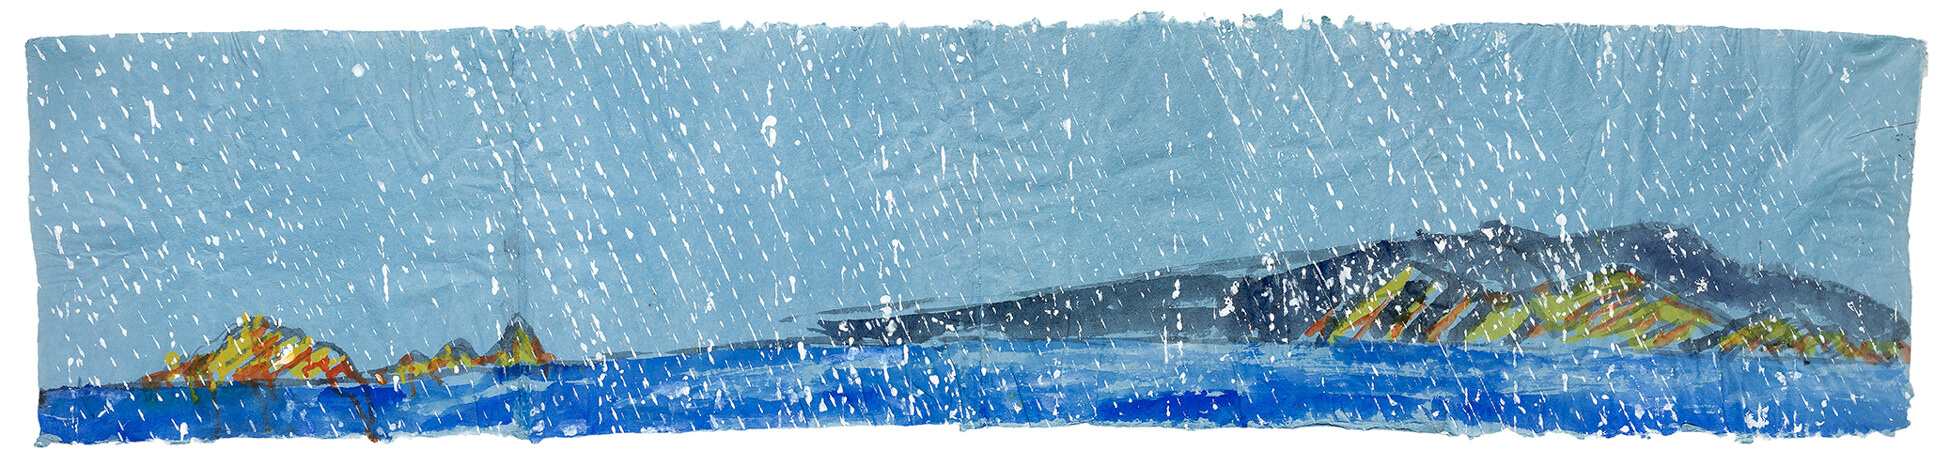 Paterson Ewen, Coastline with Precipitation, 1975